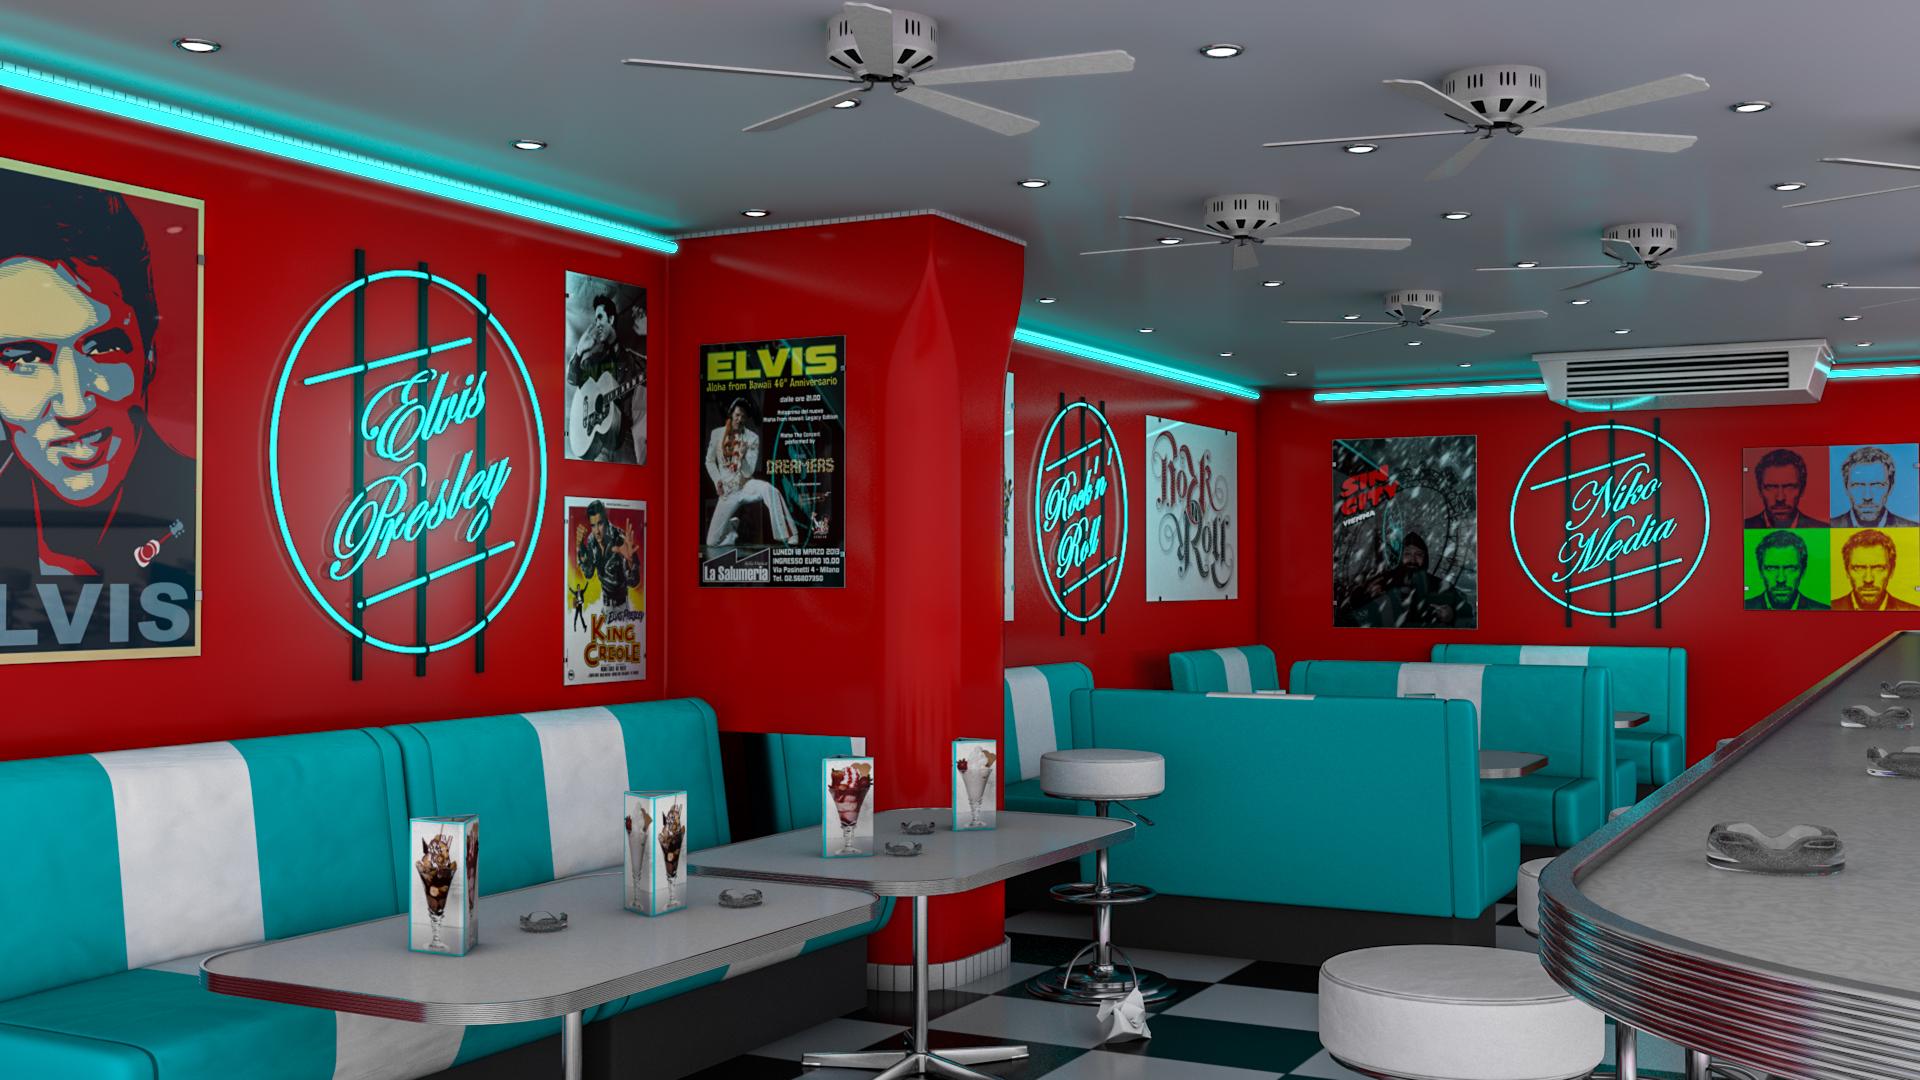 American diner by nikomedia on deviantart for Diner artwork